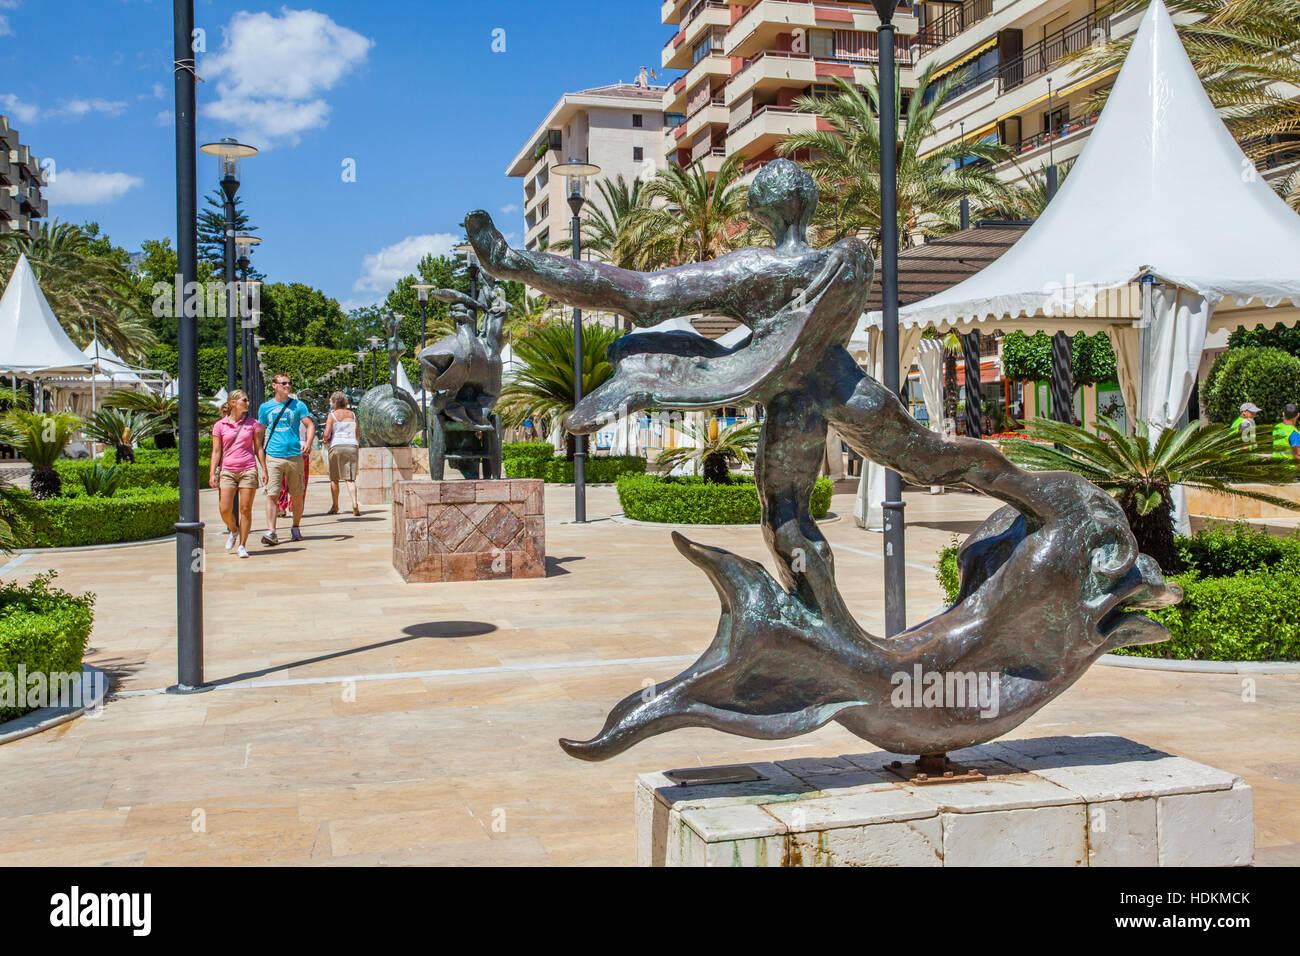 Spain, Andalusia, Province of Malaga, Costa del Sol, Marbella, Avenida del Mar, 'man above dolphin' bronze - Stock Image